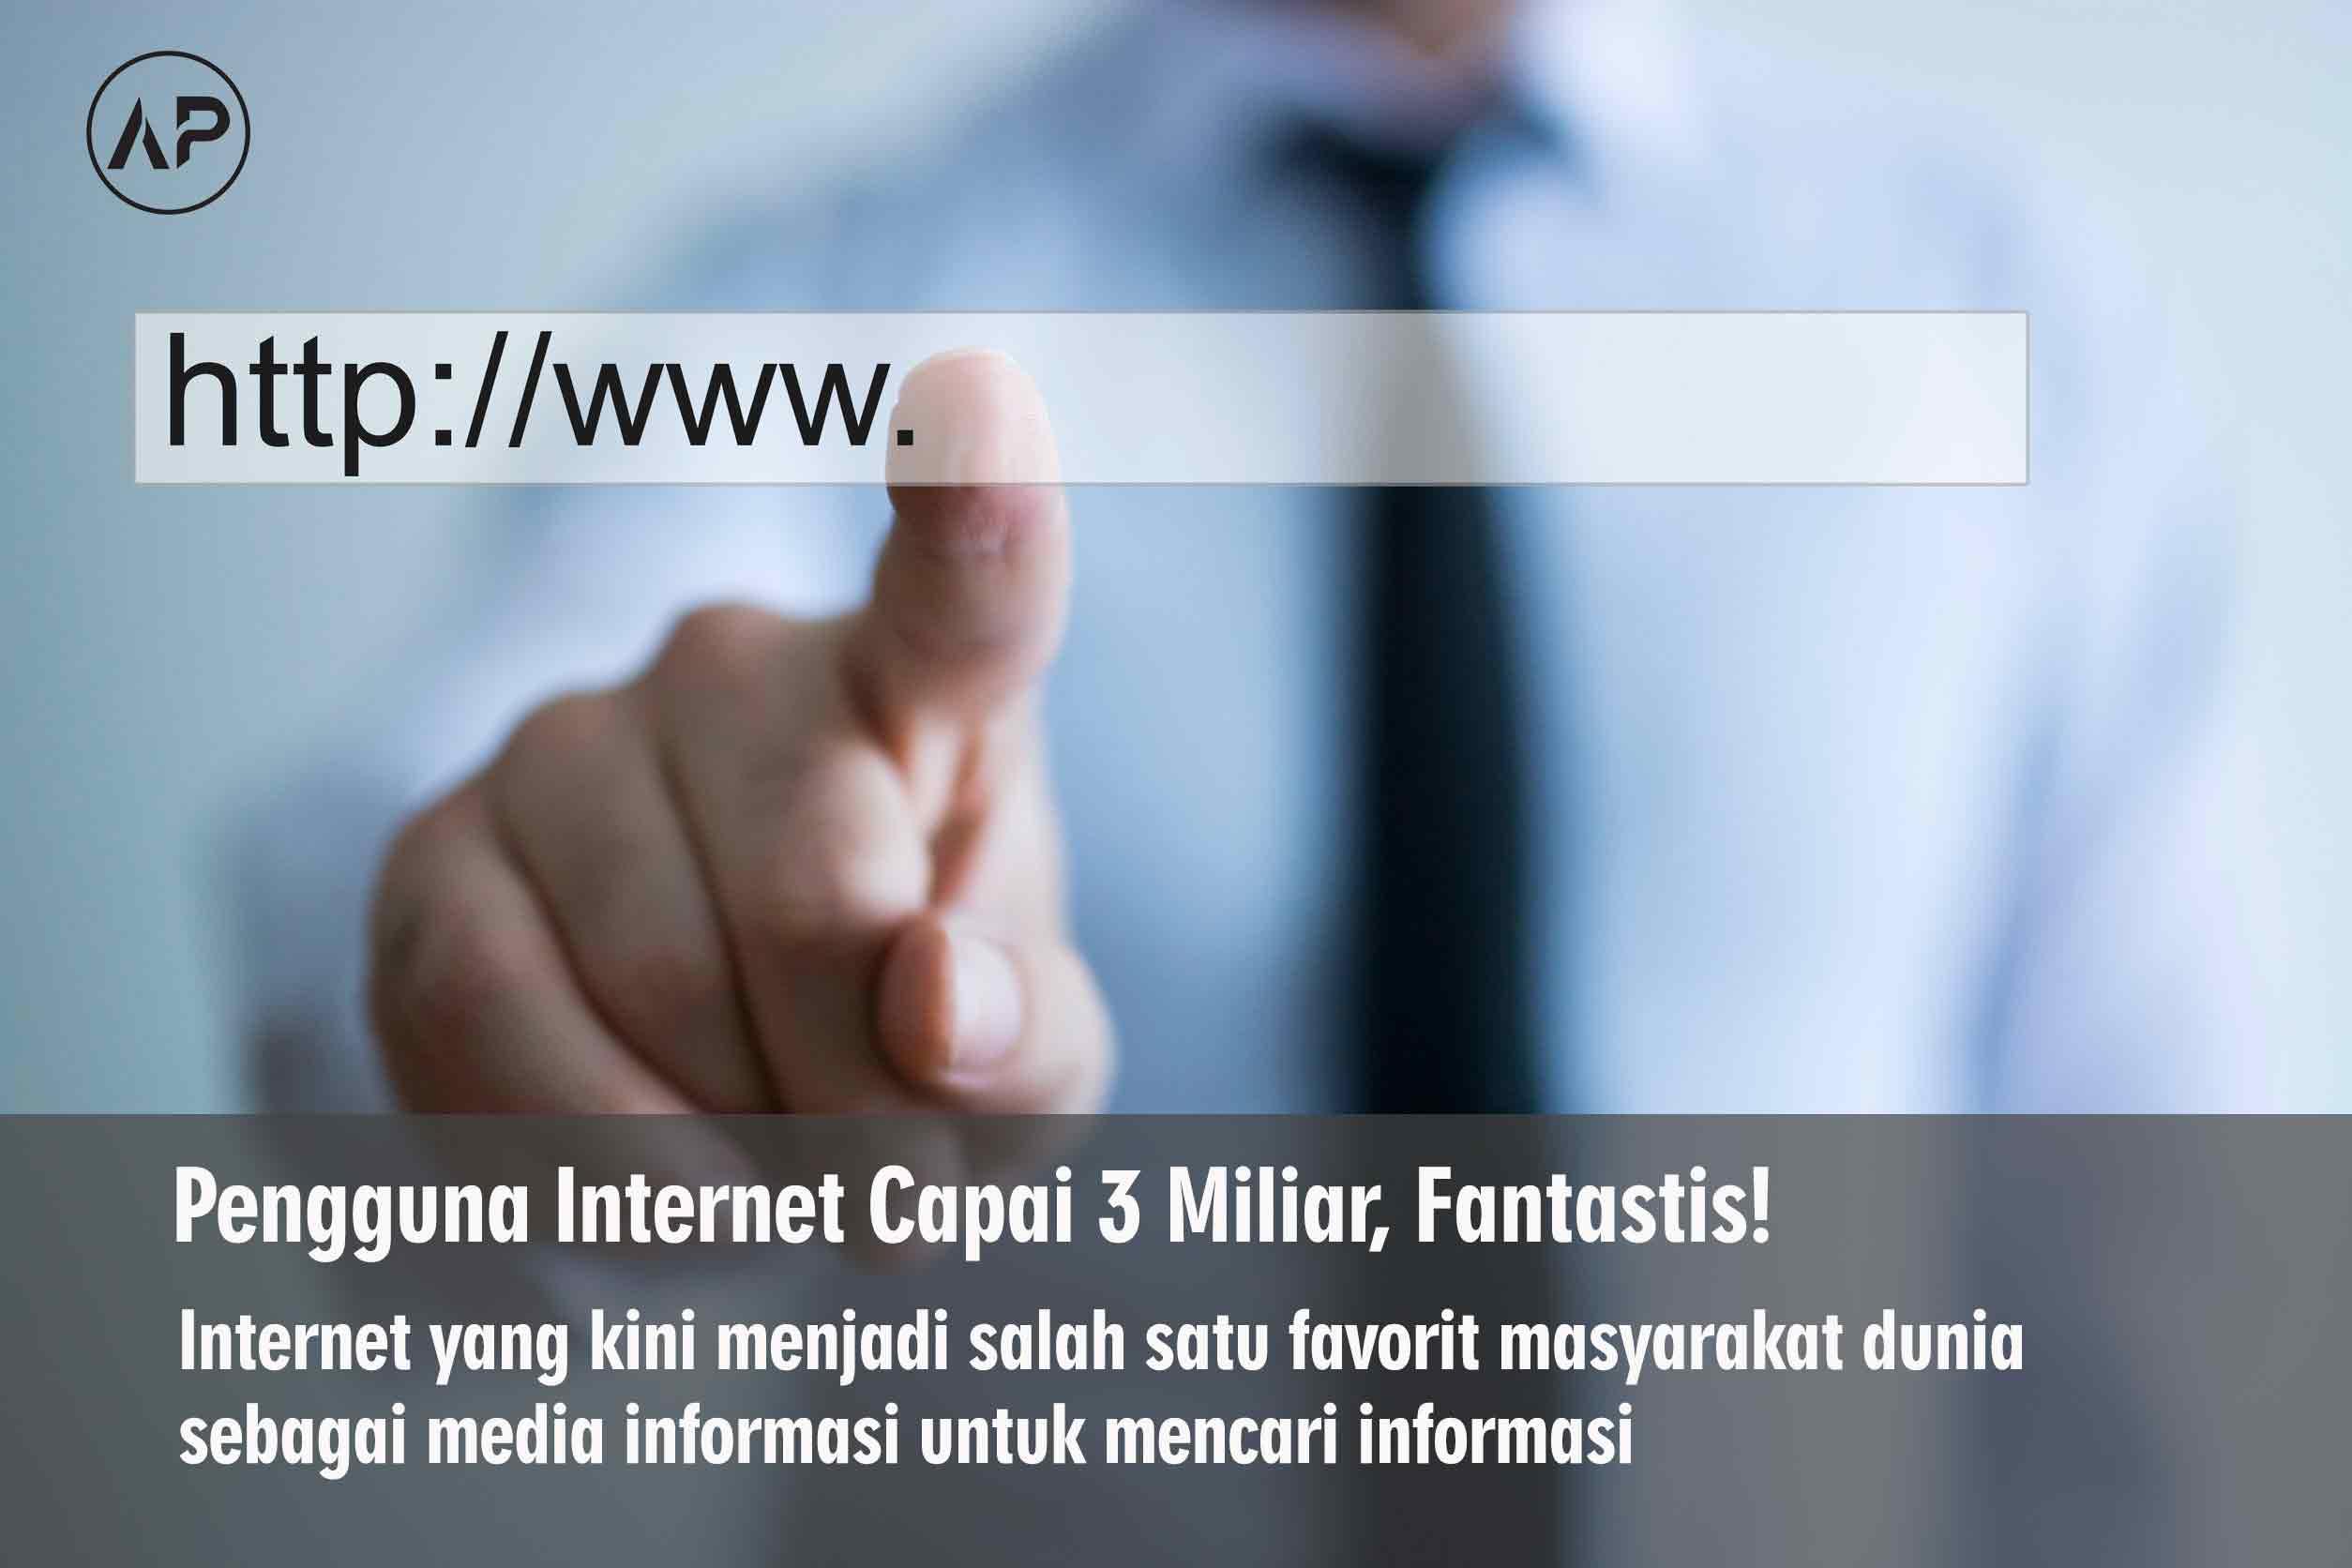 Pengguna Internet Tahun 2014 Capai 3 Miliar